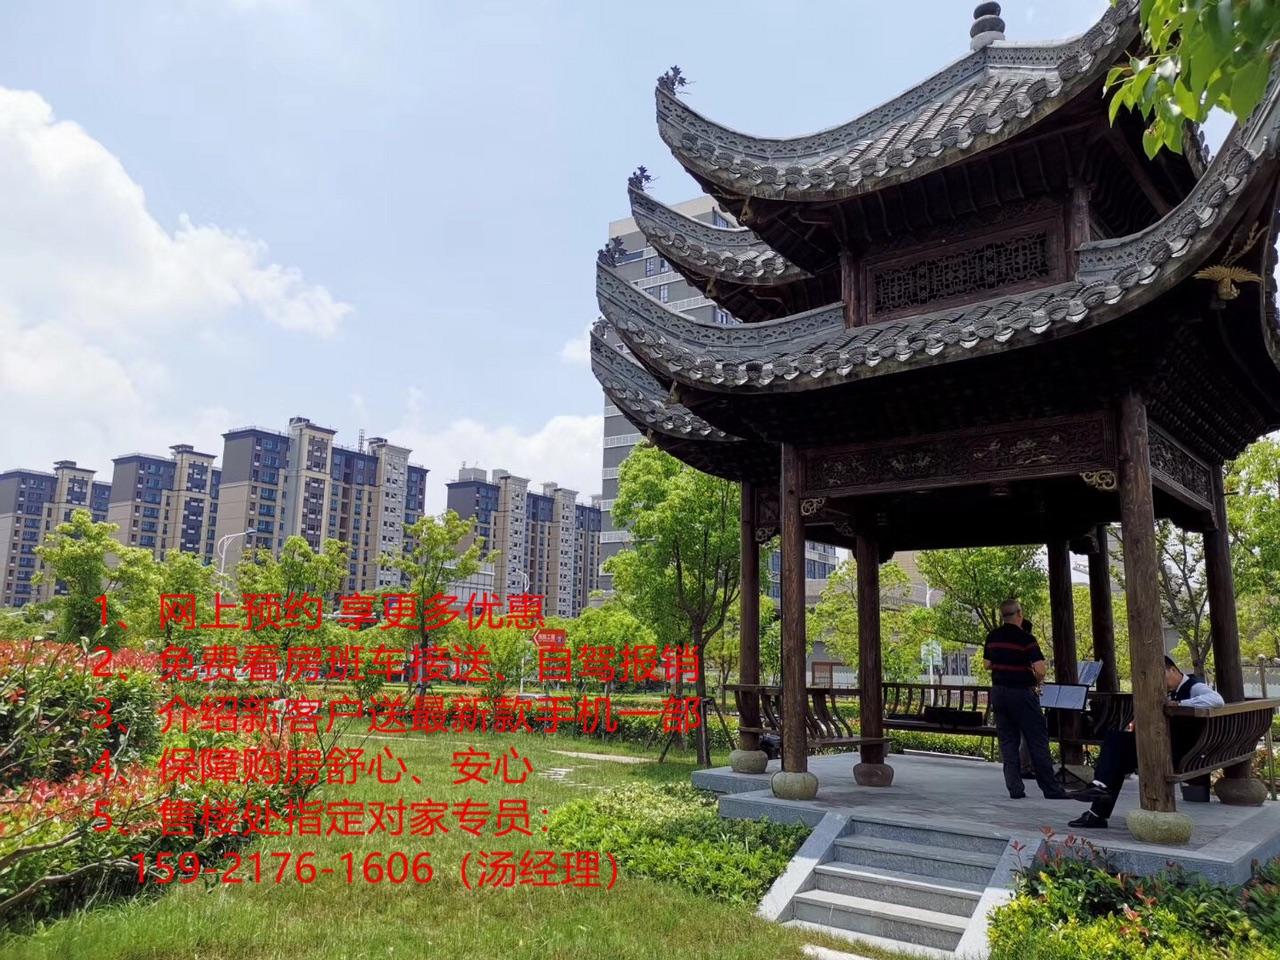 浦东临港新城海滨时代大厦公寓太棒了!带阳台精装复式